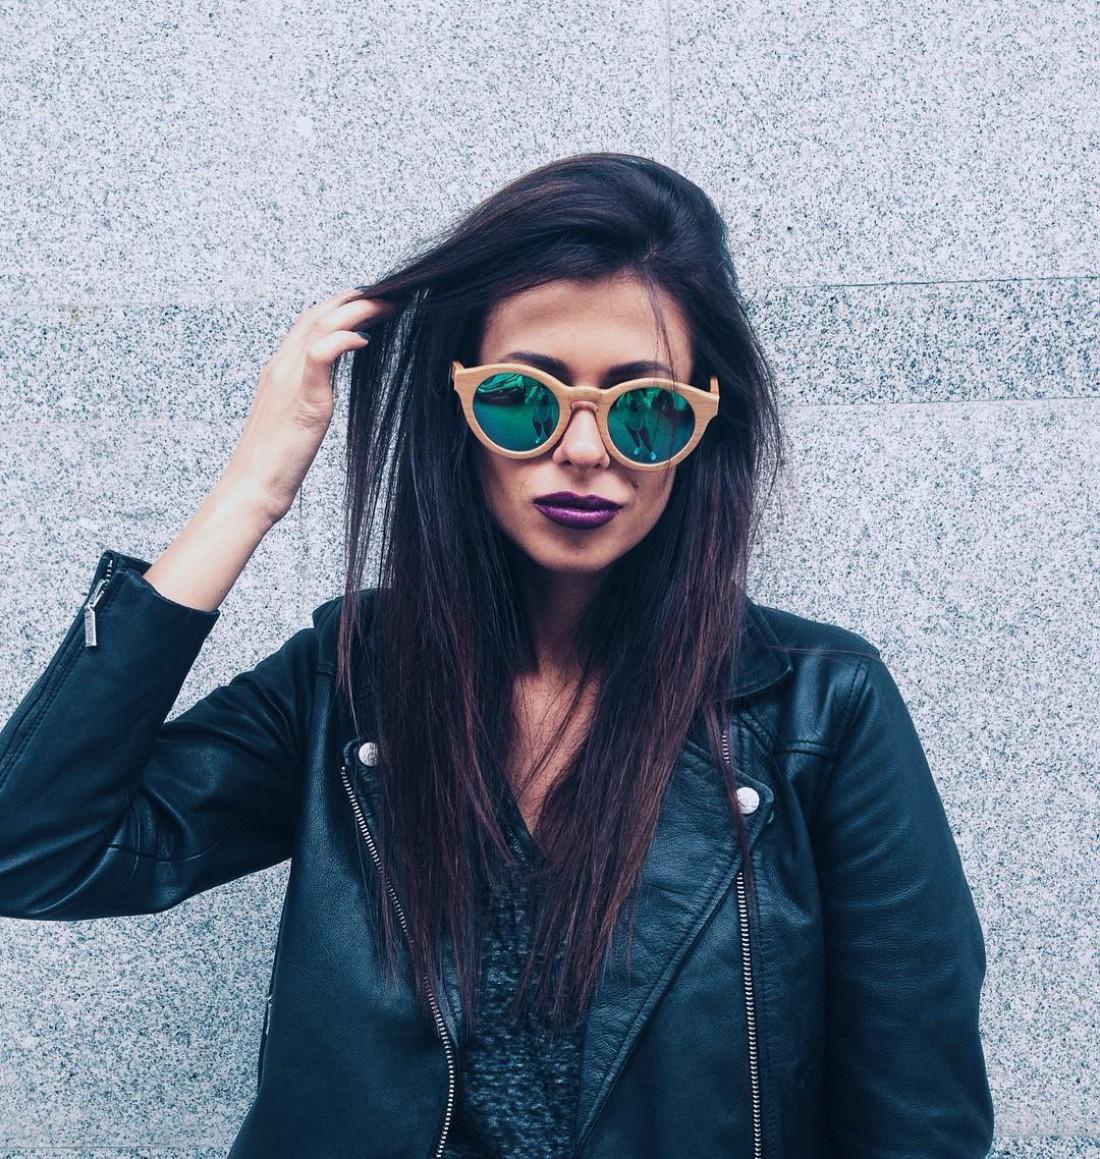 Солнцезащитные очки – must have для лета